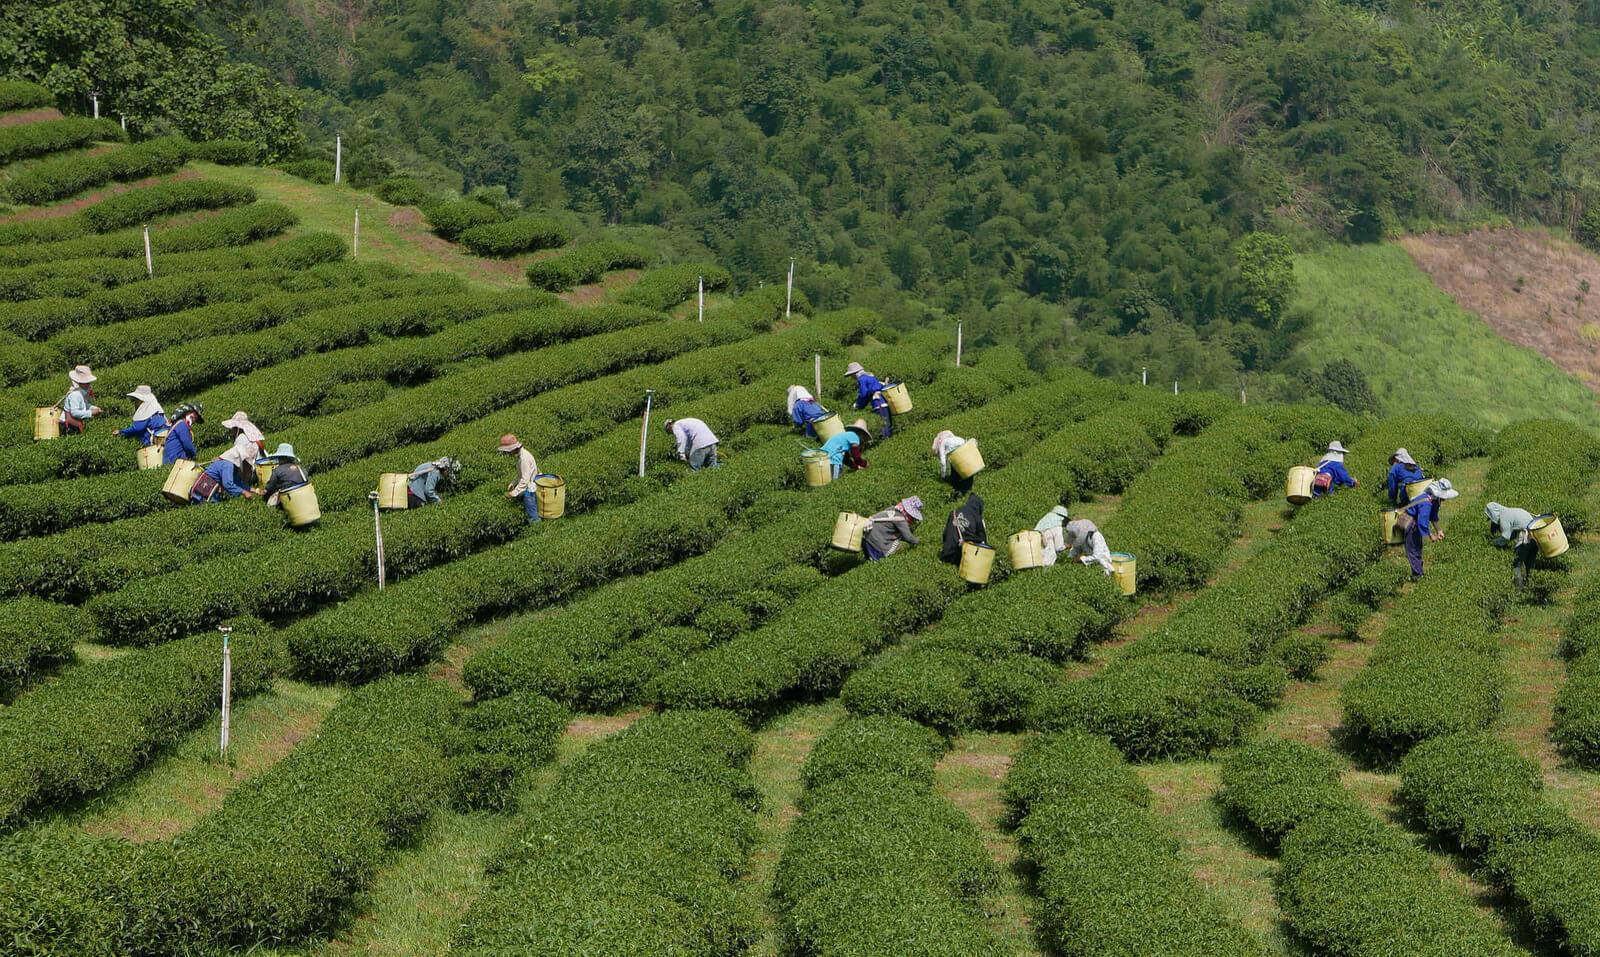 Население деревни Doi Mae Salong занимаются выращиванием чая